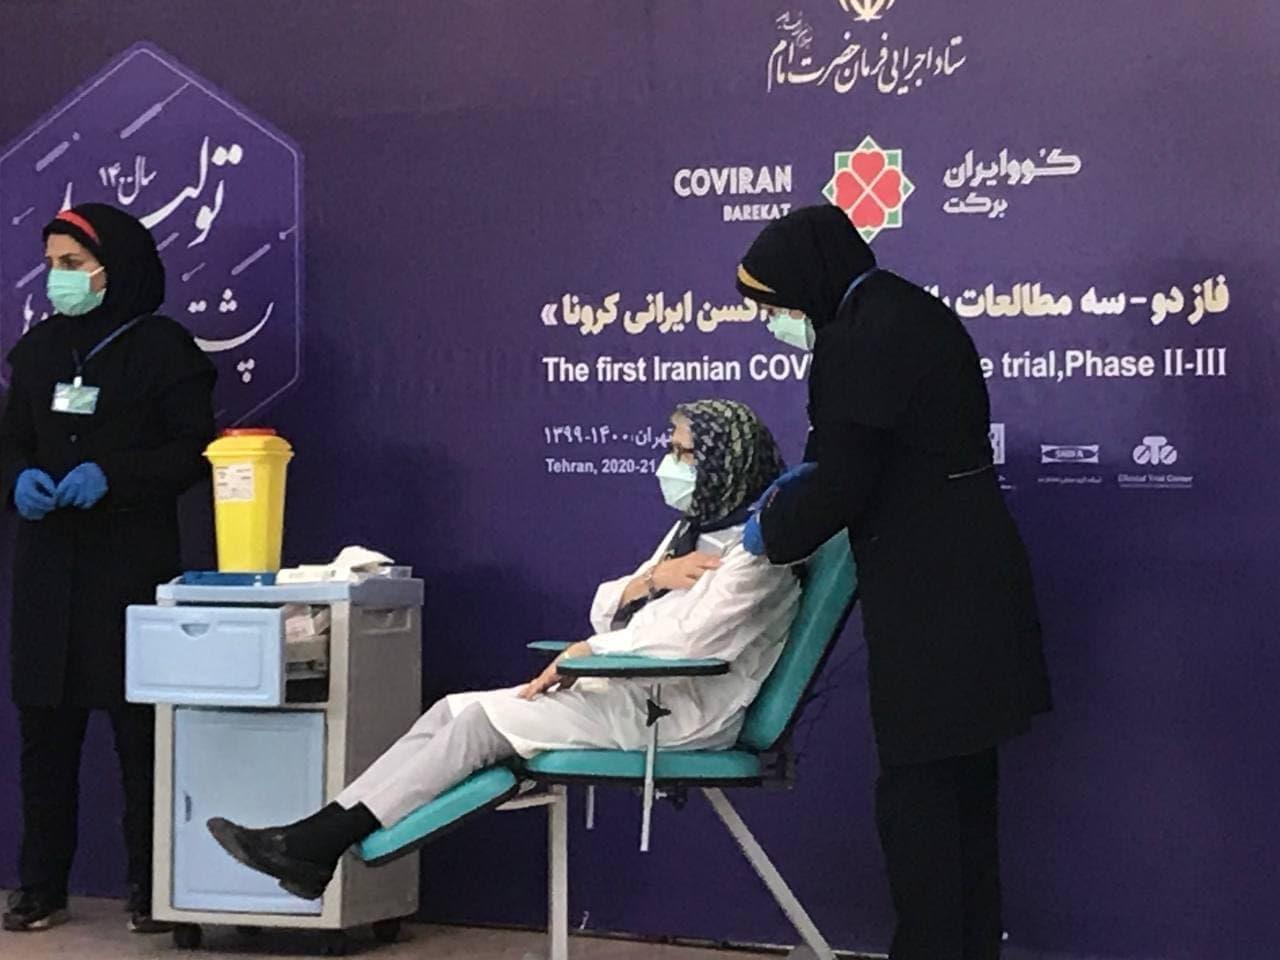 تزریق واکسن مرحله سوم کووایران برکت به مینو محرز  + عکس